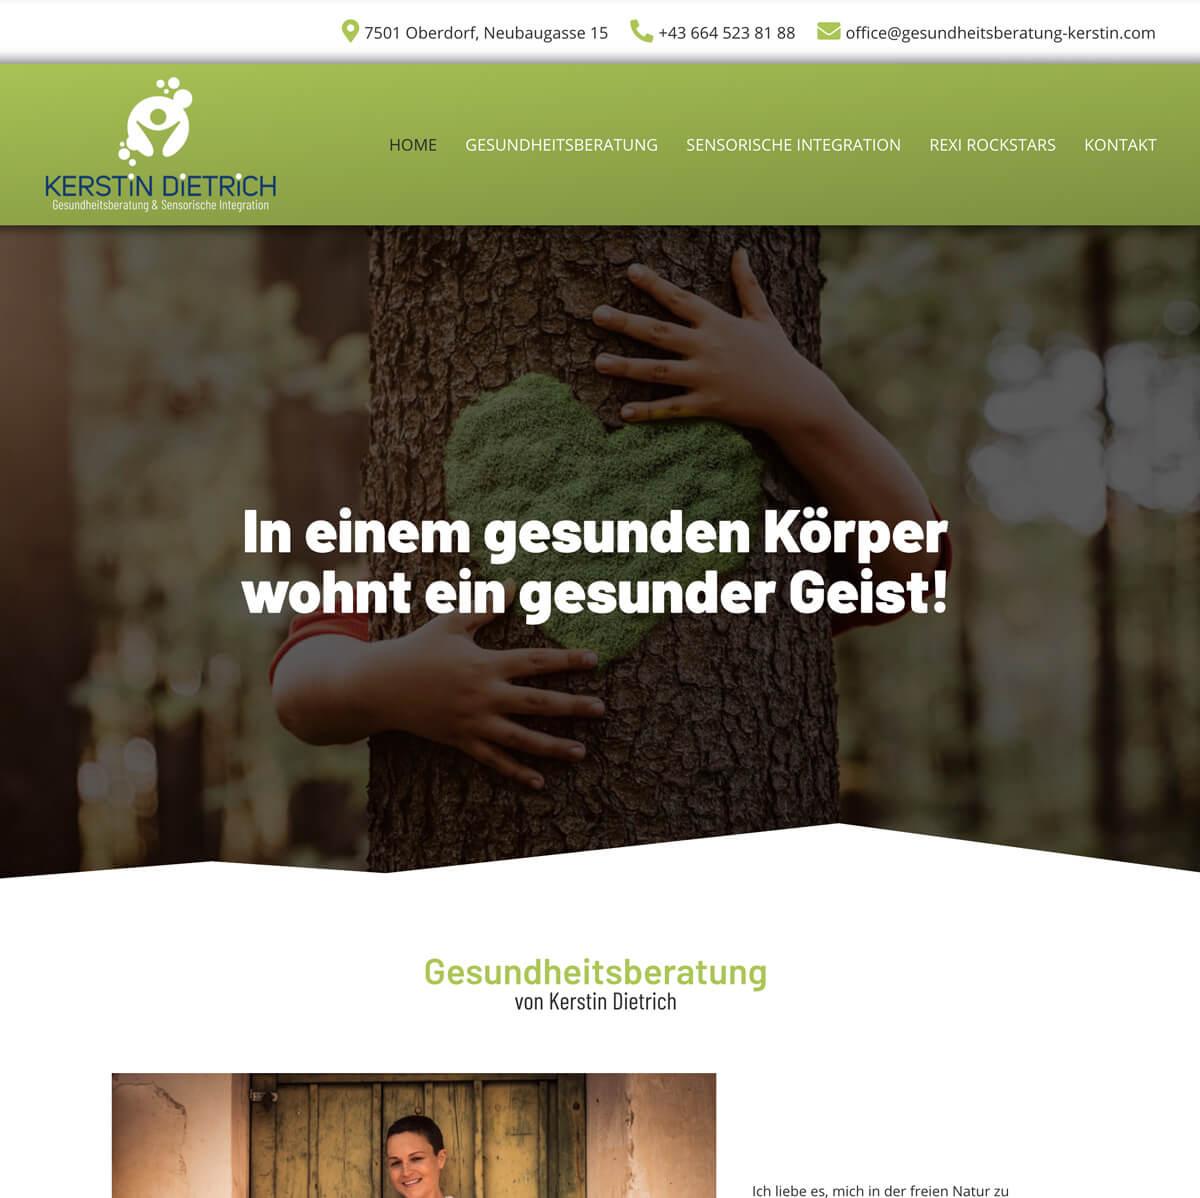 Website Gesundheitsberatung Kerstin Dietrich